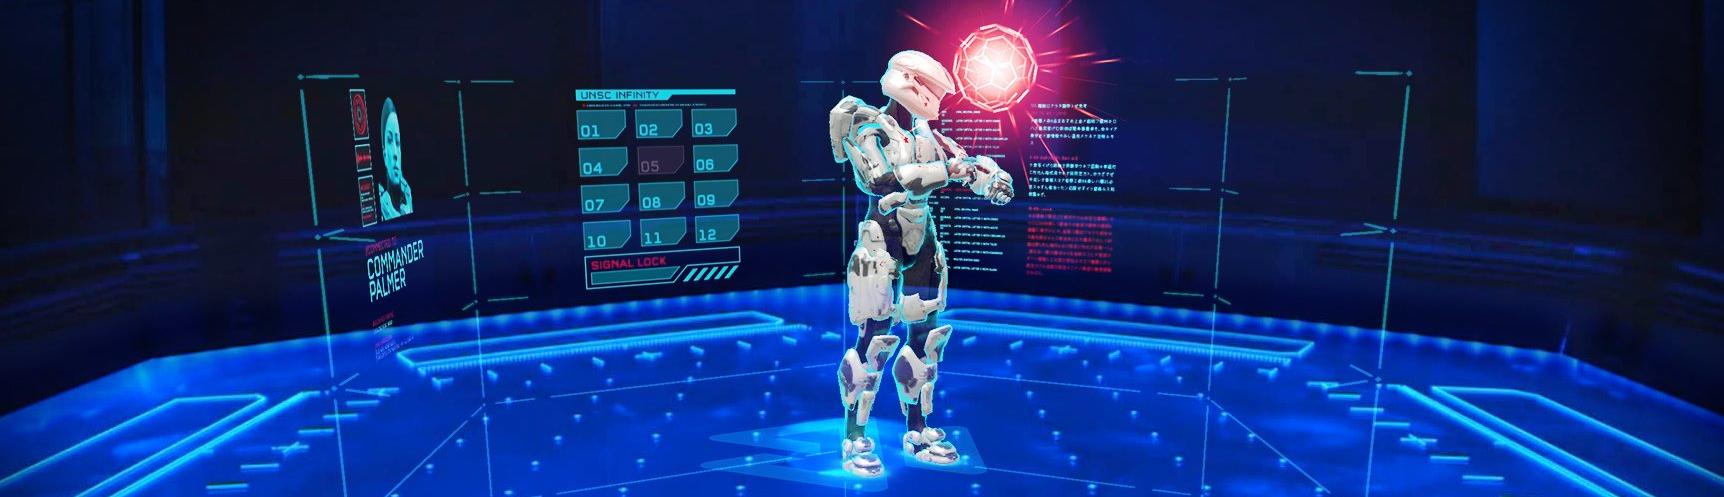 Halo VR